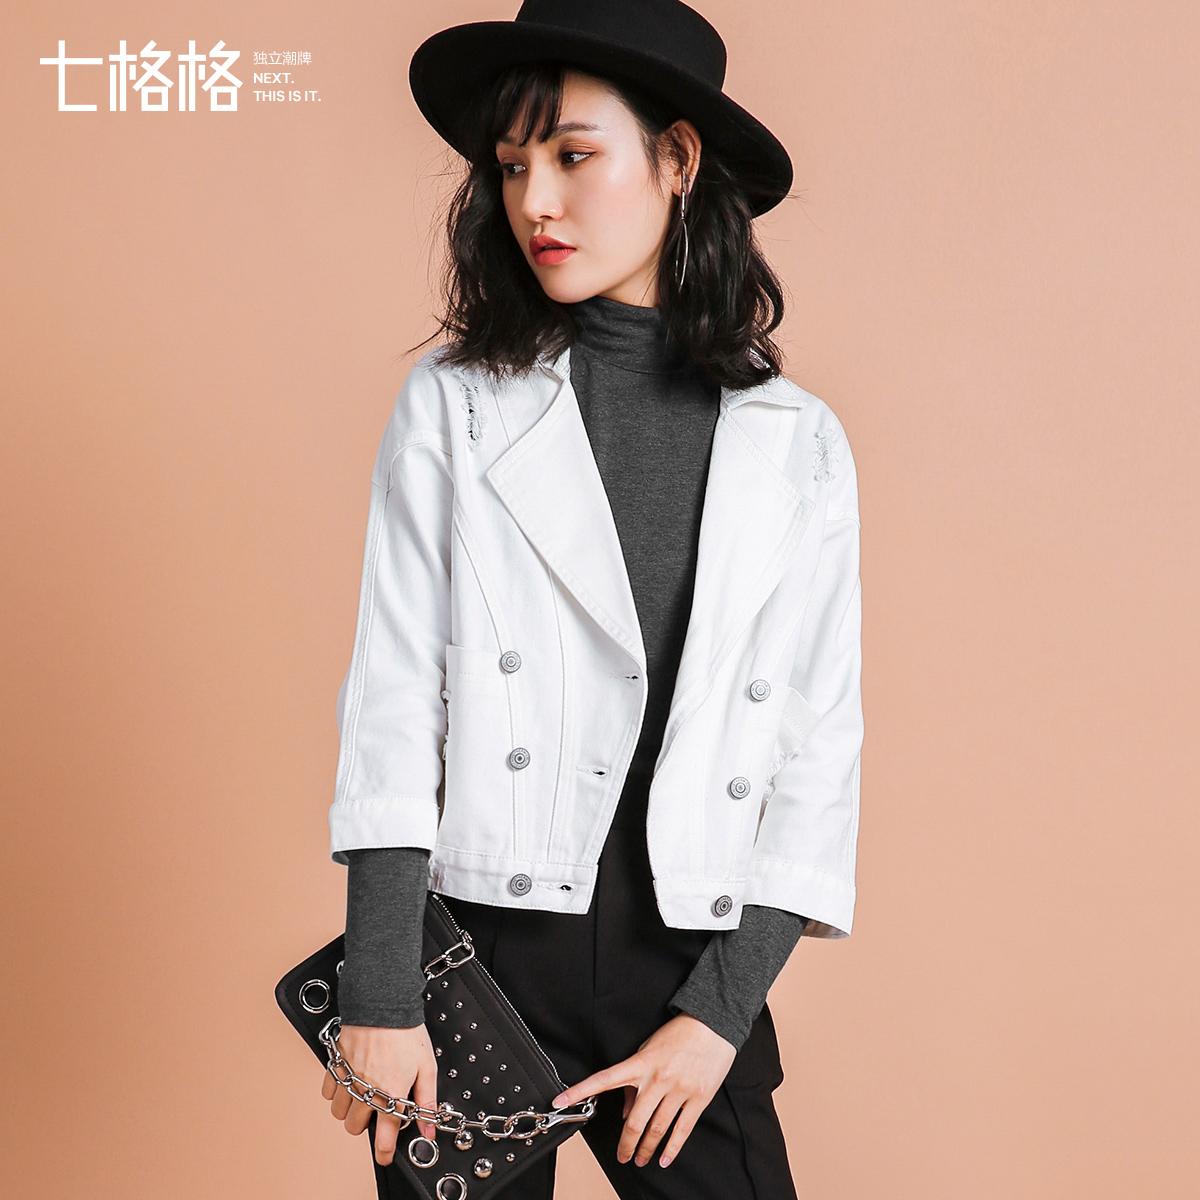 白色牛仔外套女2018新款韩版bf学生短款宽松七分袖复古温柔风夹克